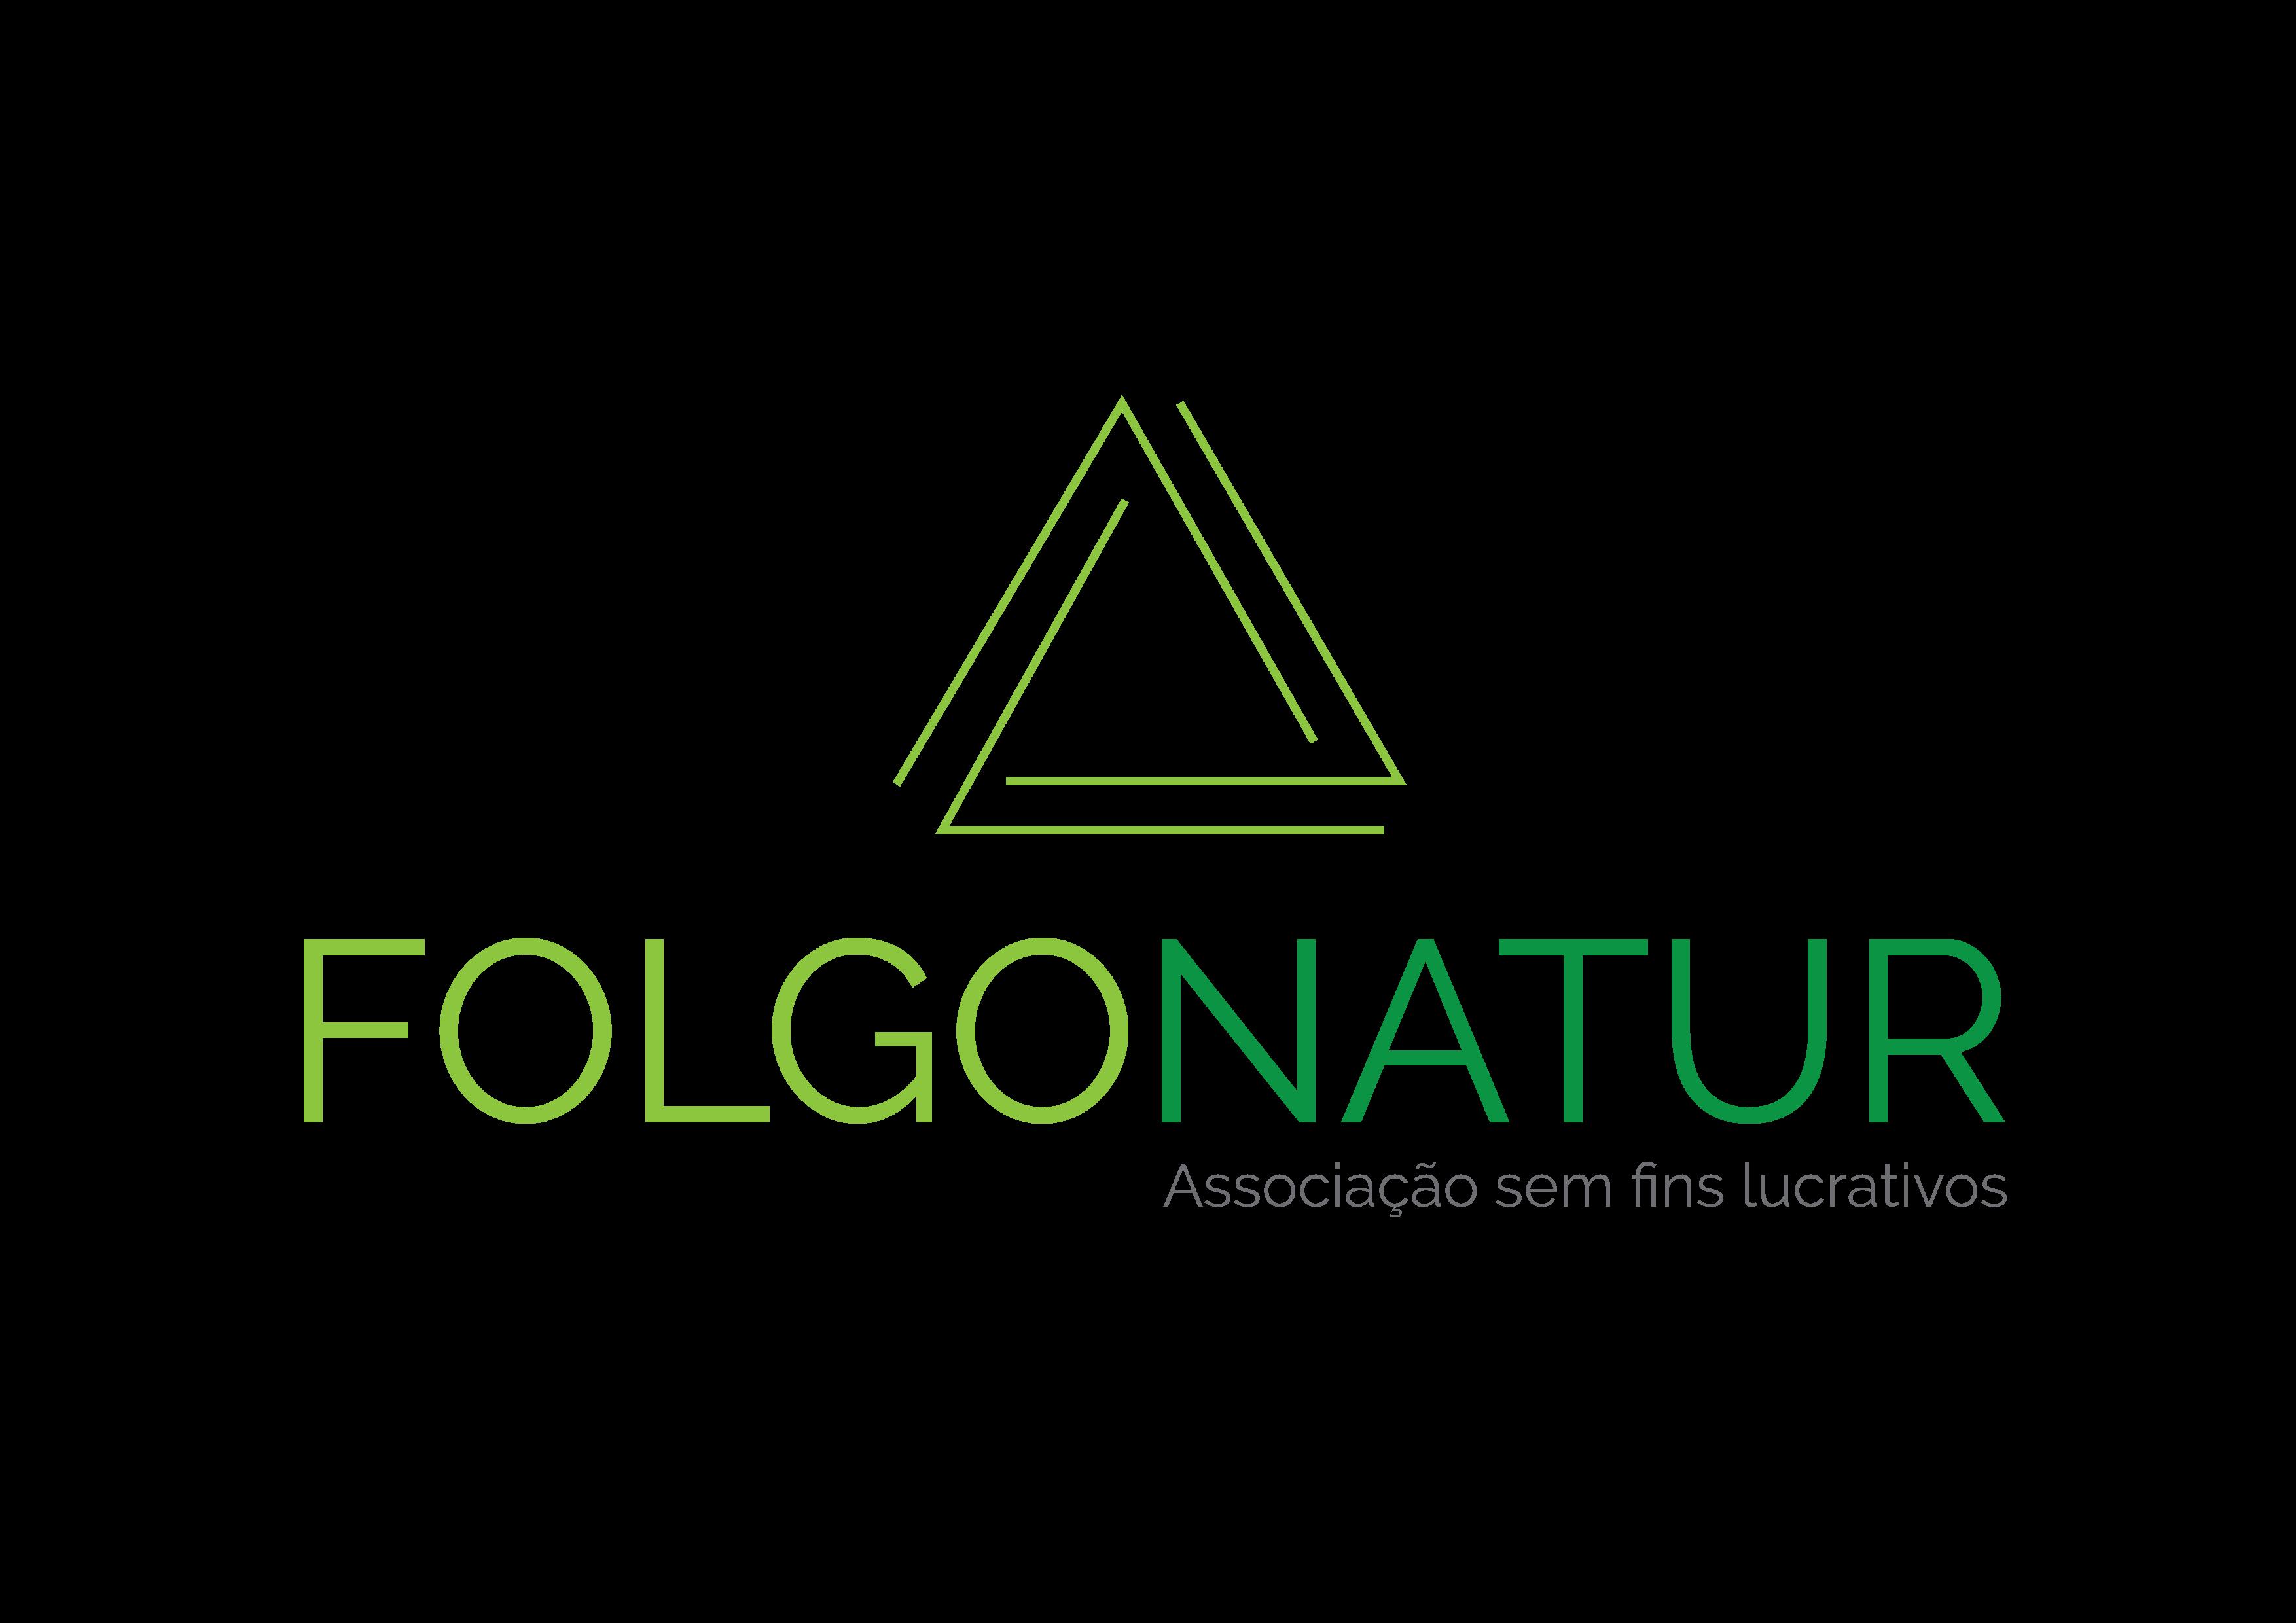 FOLGONATUR